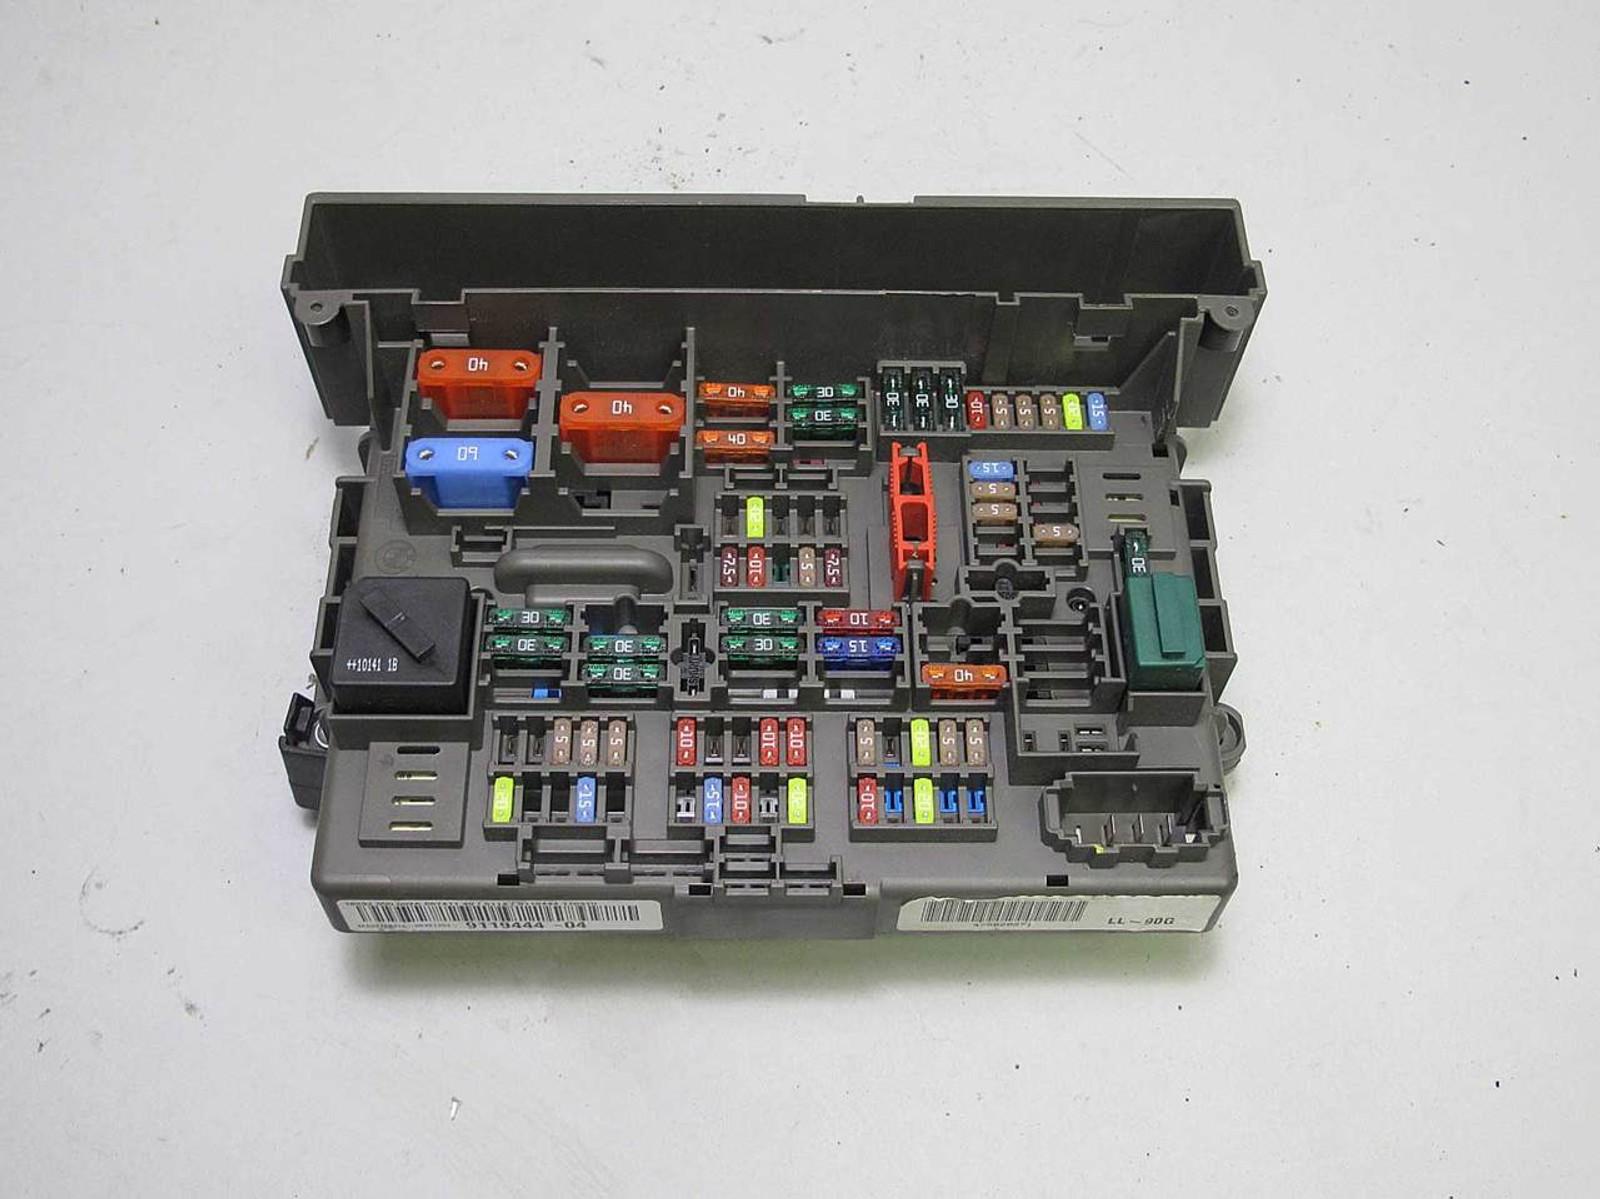 2013 fiat 500 fuse box wiring librarybmw e88 fuse box block and schematic diagrams \\u2022 fiat 500 fuse box location fuse